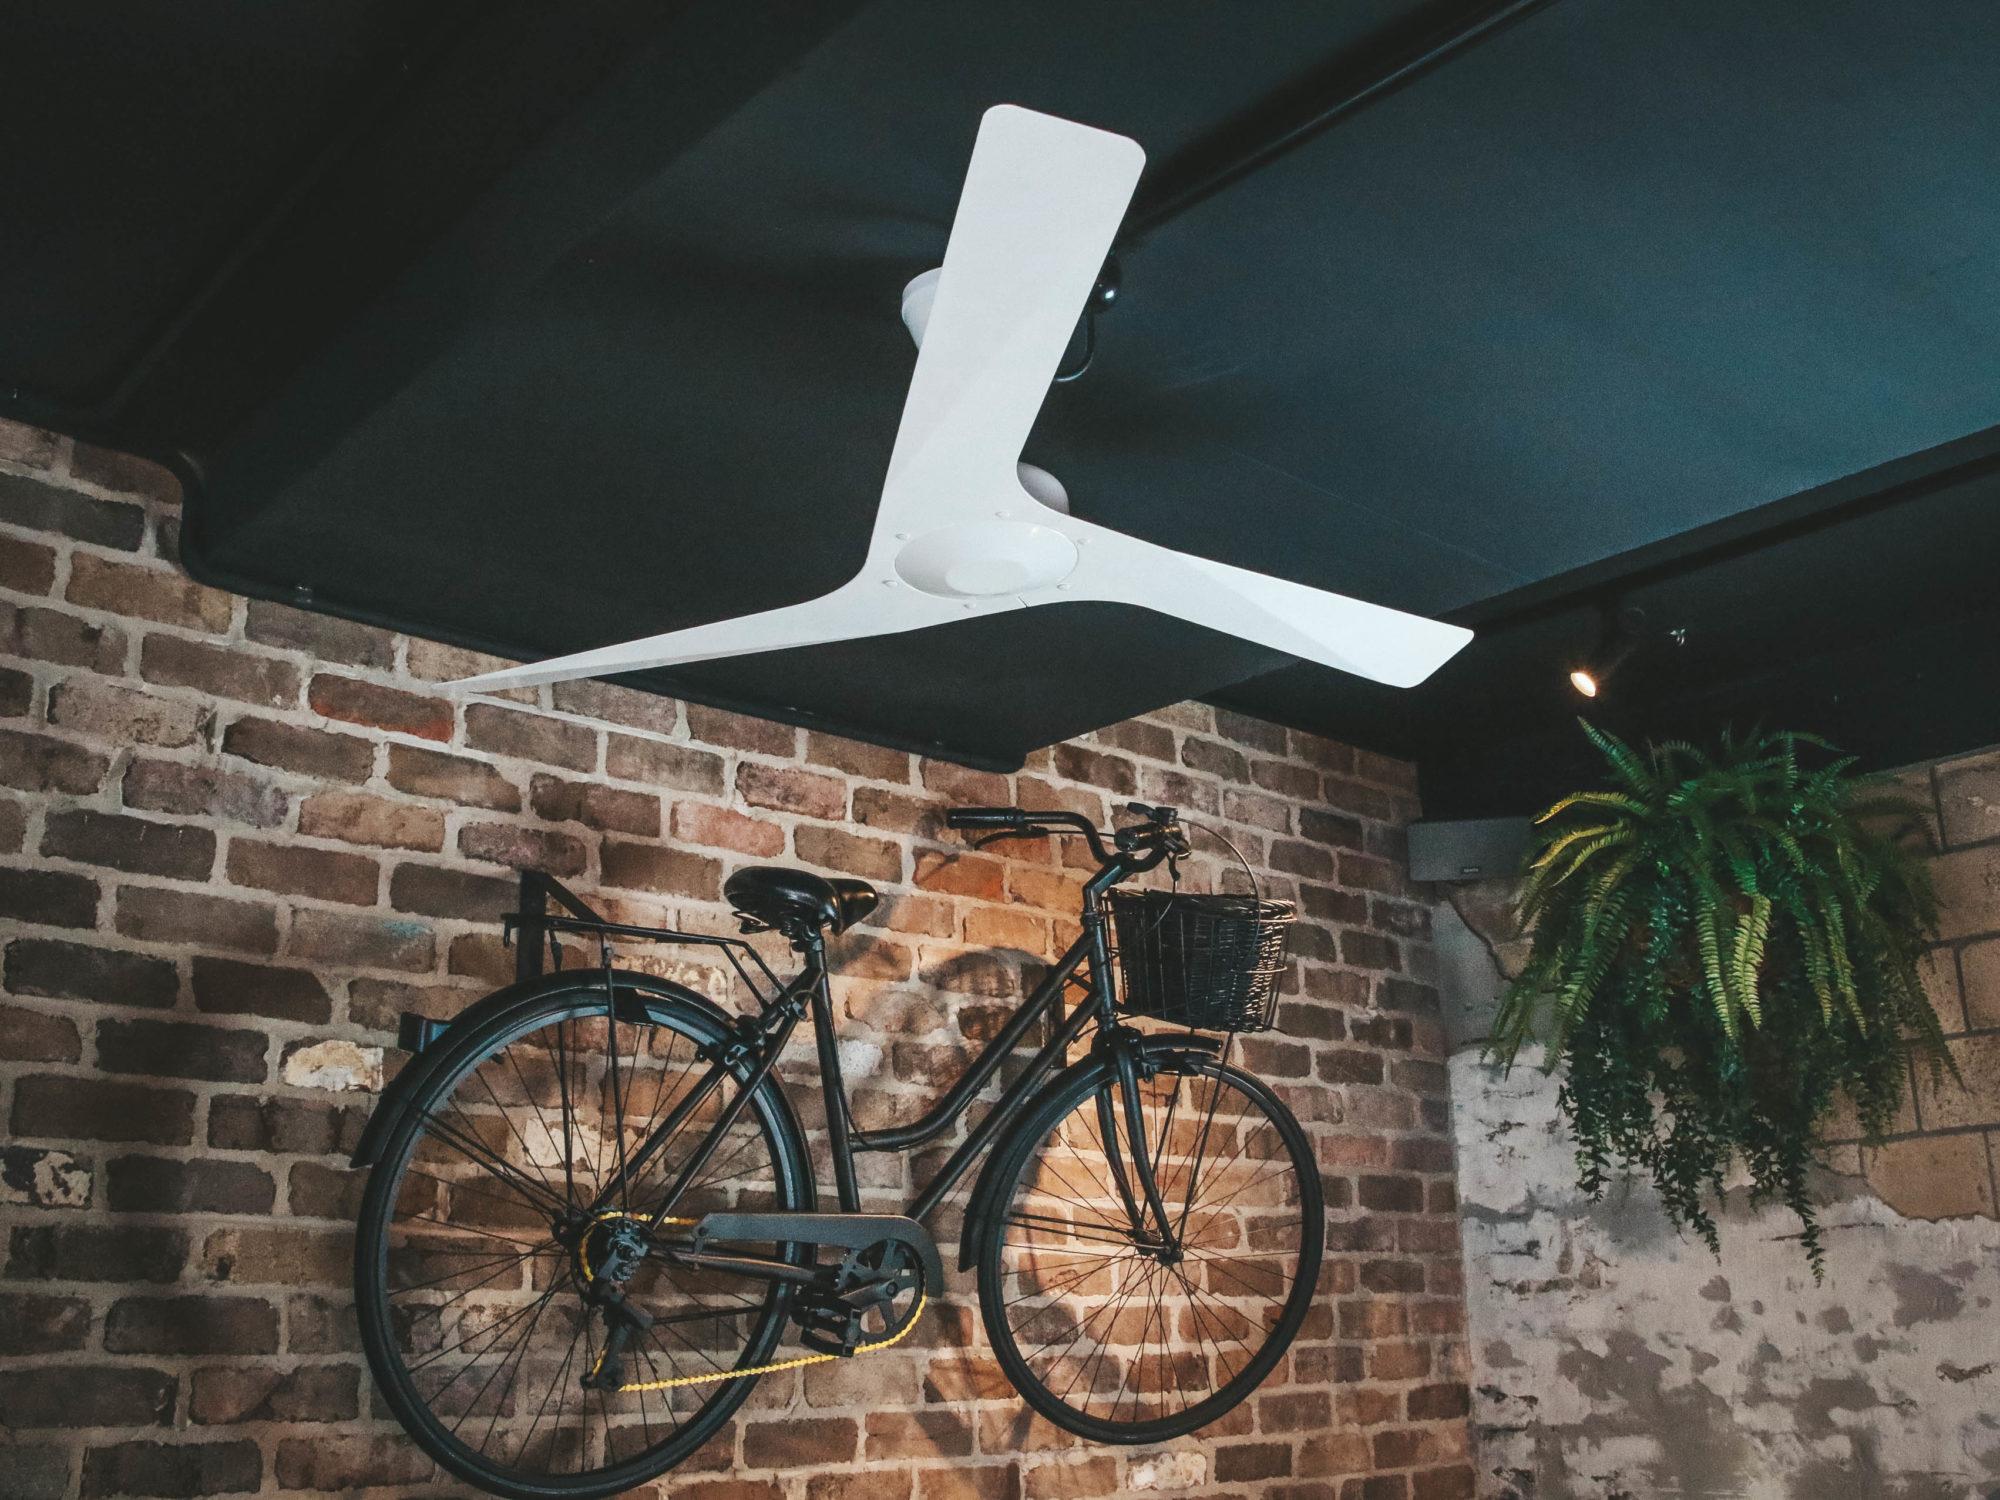 Modn3 Ceiling Fan 74